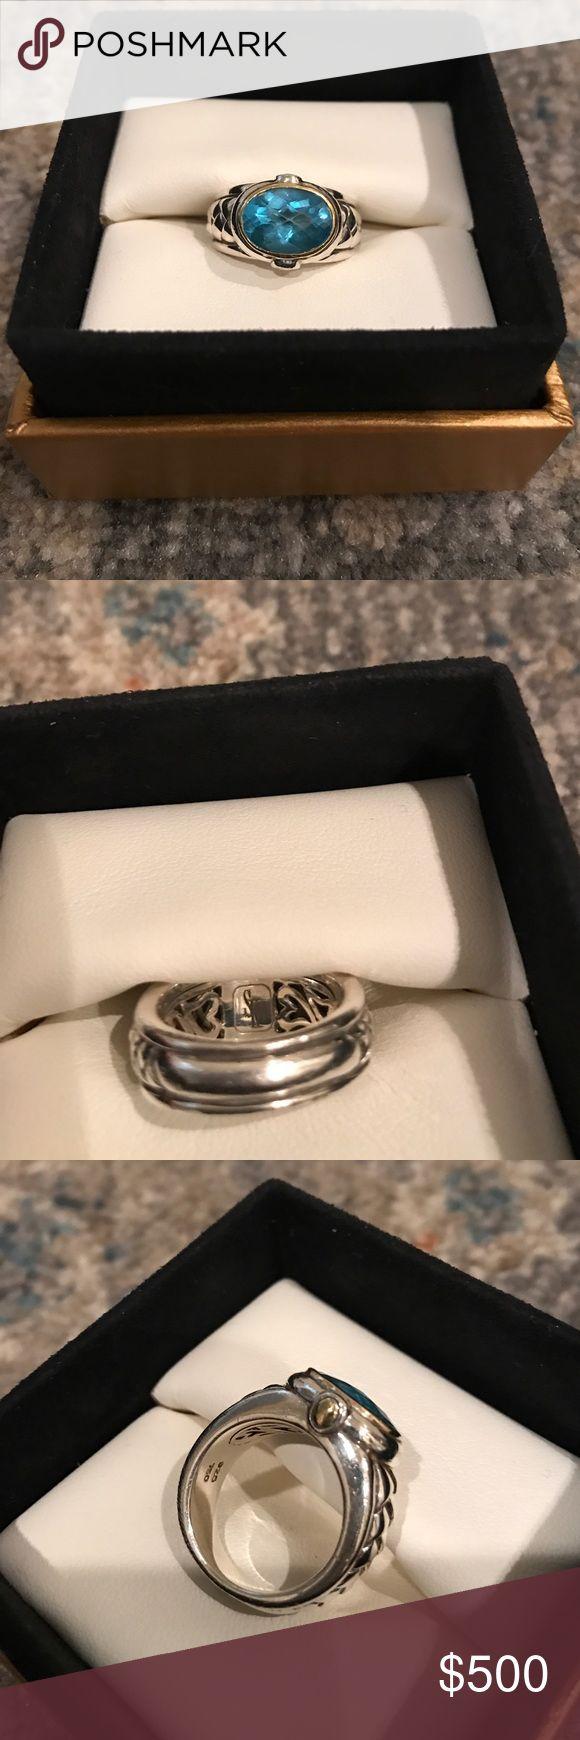 Scott Kay Blue Topaz & Sterling Silver Ring Excellent condition beautiful Scott Kay Blue Topaz ring.  Sterling silver with gold.  Size 7-8. scott kay Jewelry Rings